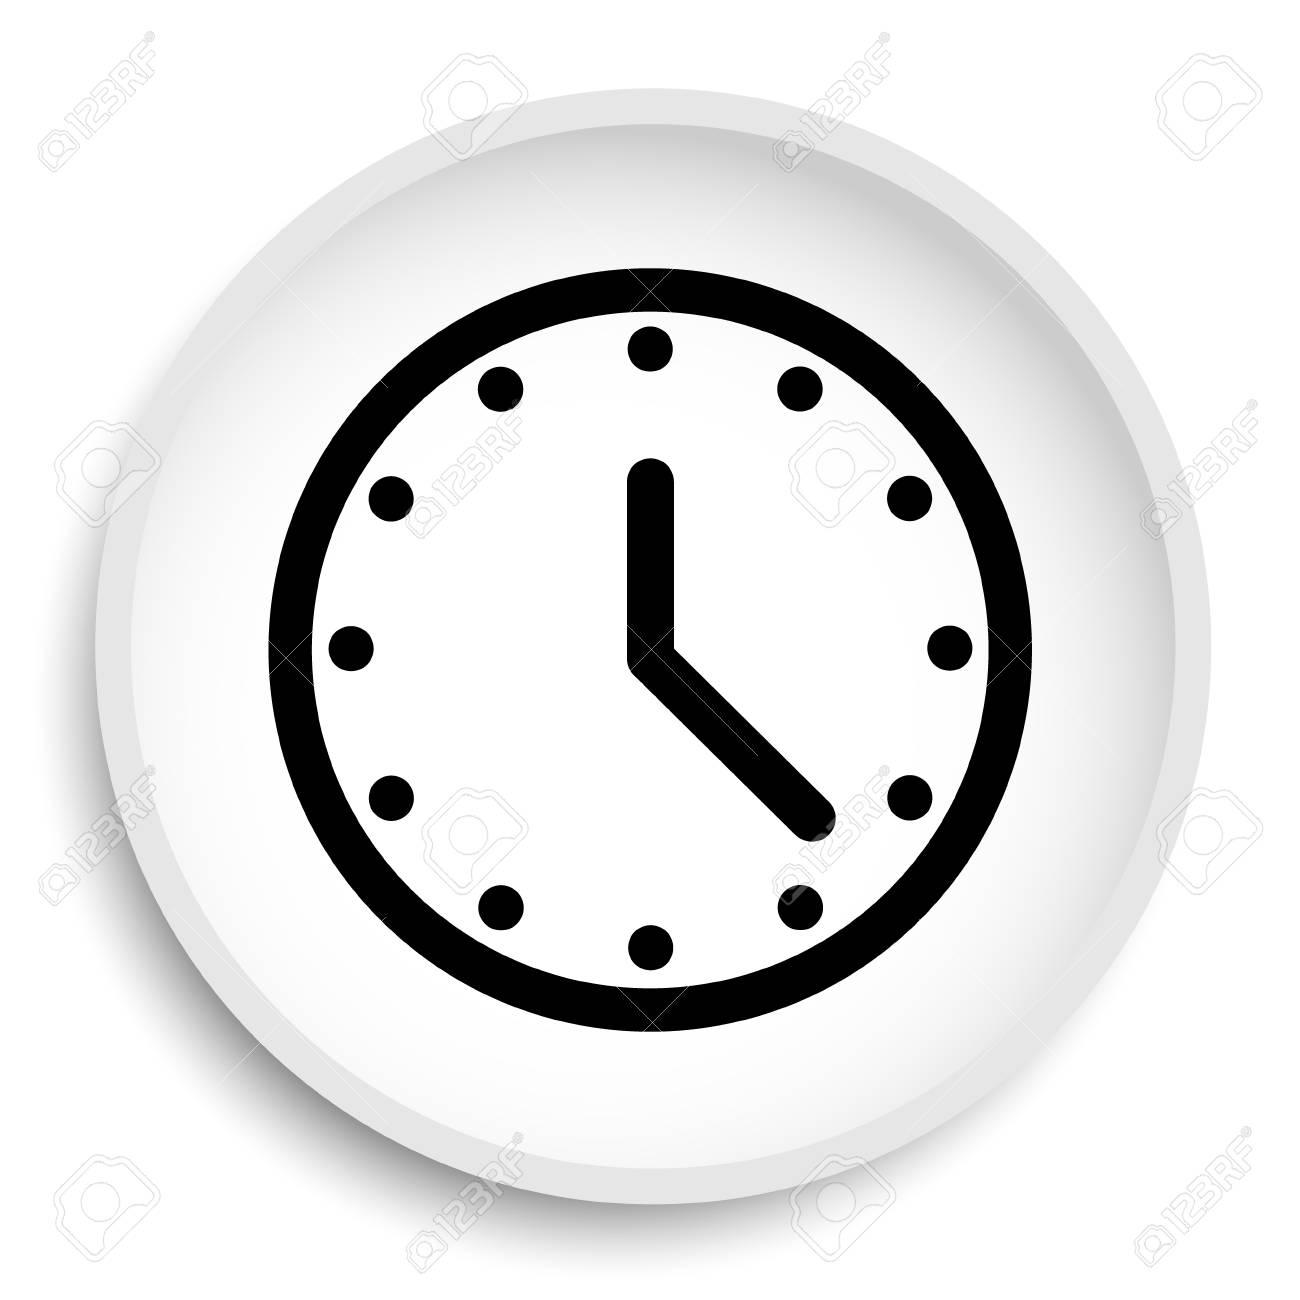 Icono Del Reloj Reloj Web Botón Sobre Fondo Blanco. Fotos, Retratos,  Imágenes Y Fotografía De Archivo Libres De Derecho. Image 75401585.